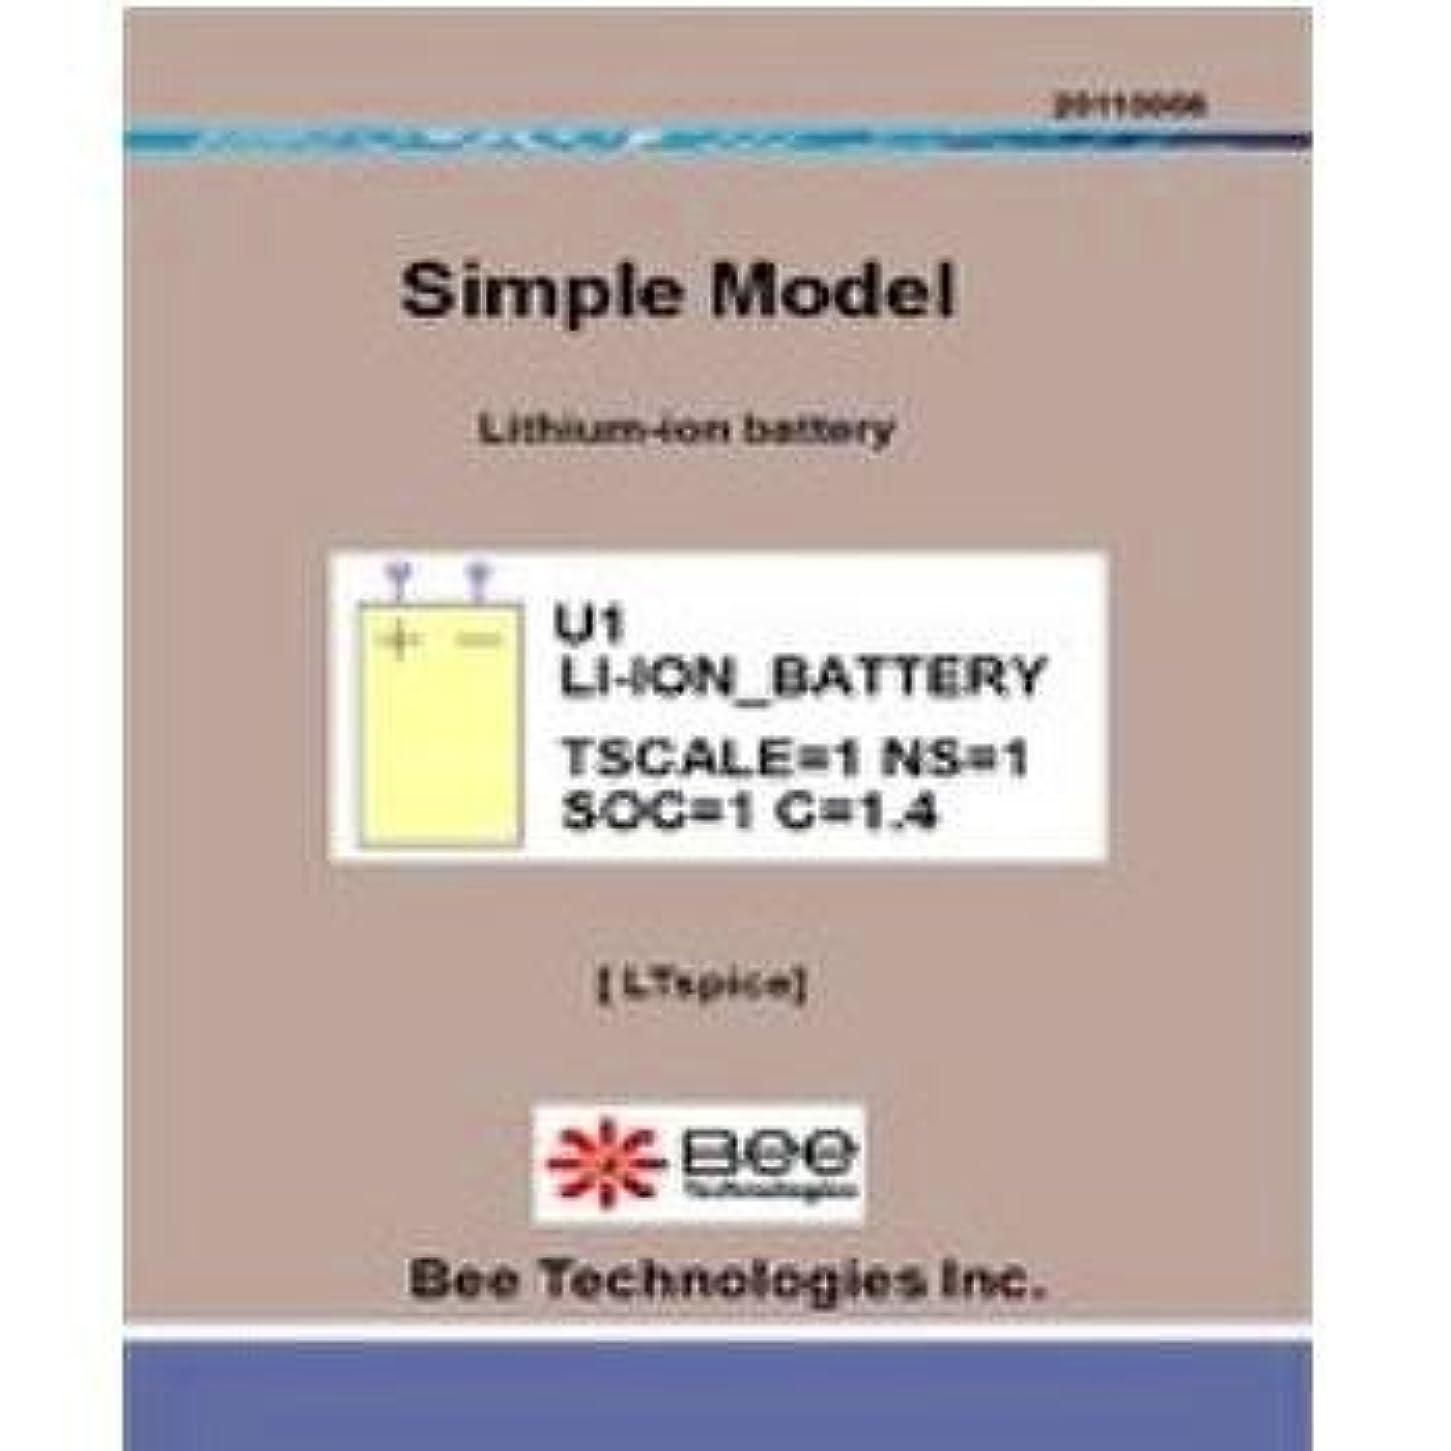 アーチ準備ができてBee Technologies リチウムイオン電池モデル LTspice版 【SM-014】